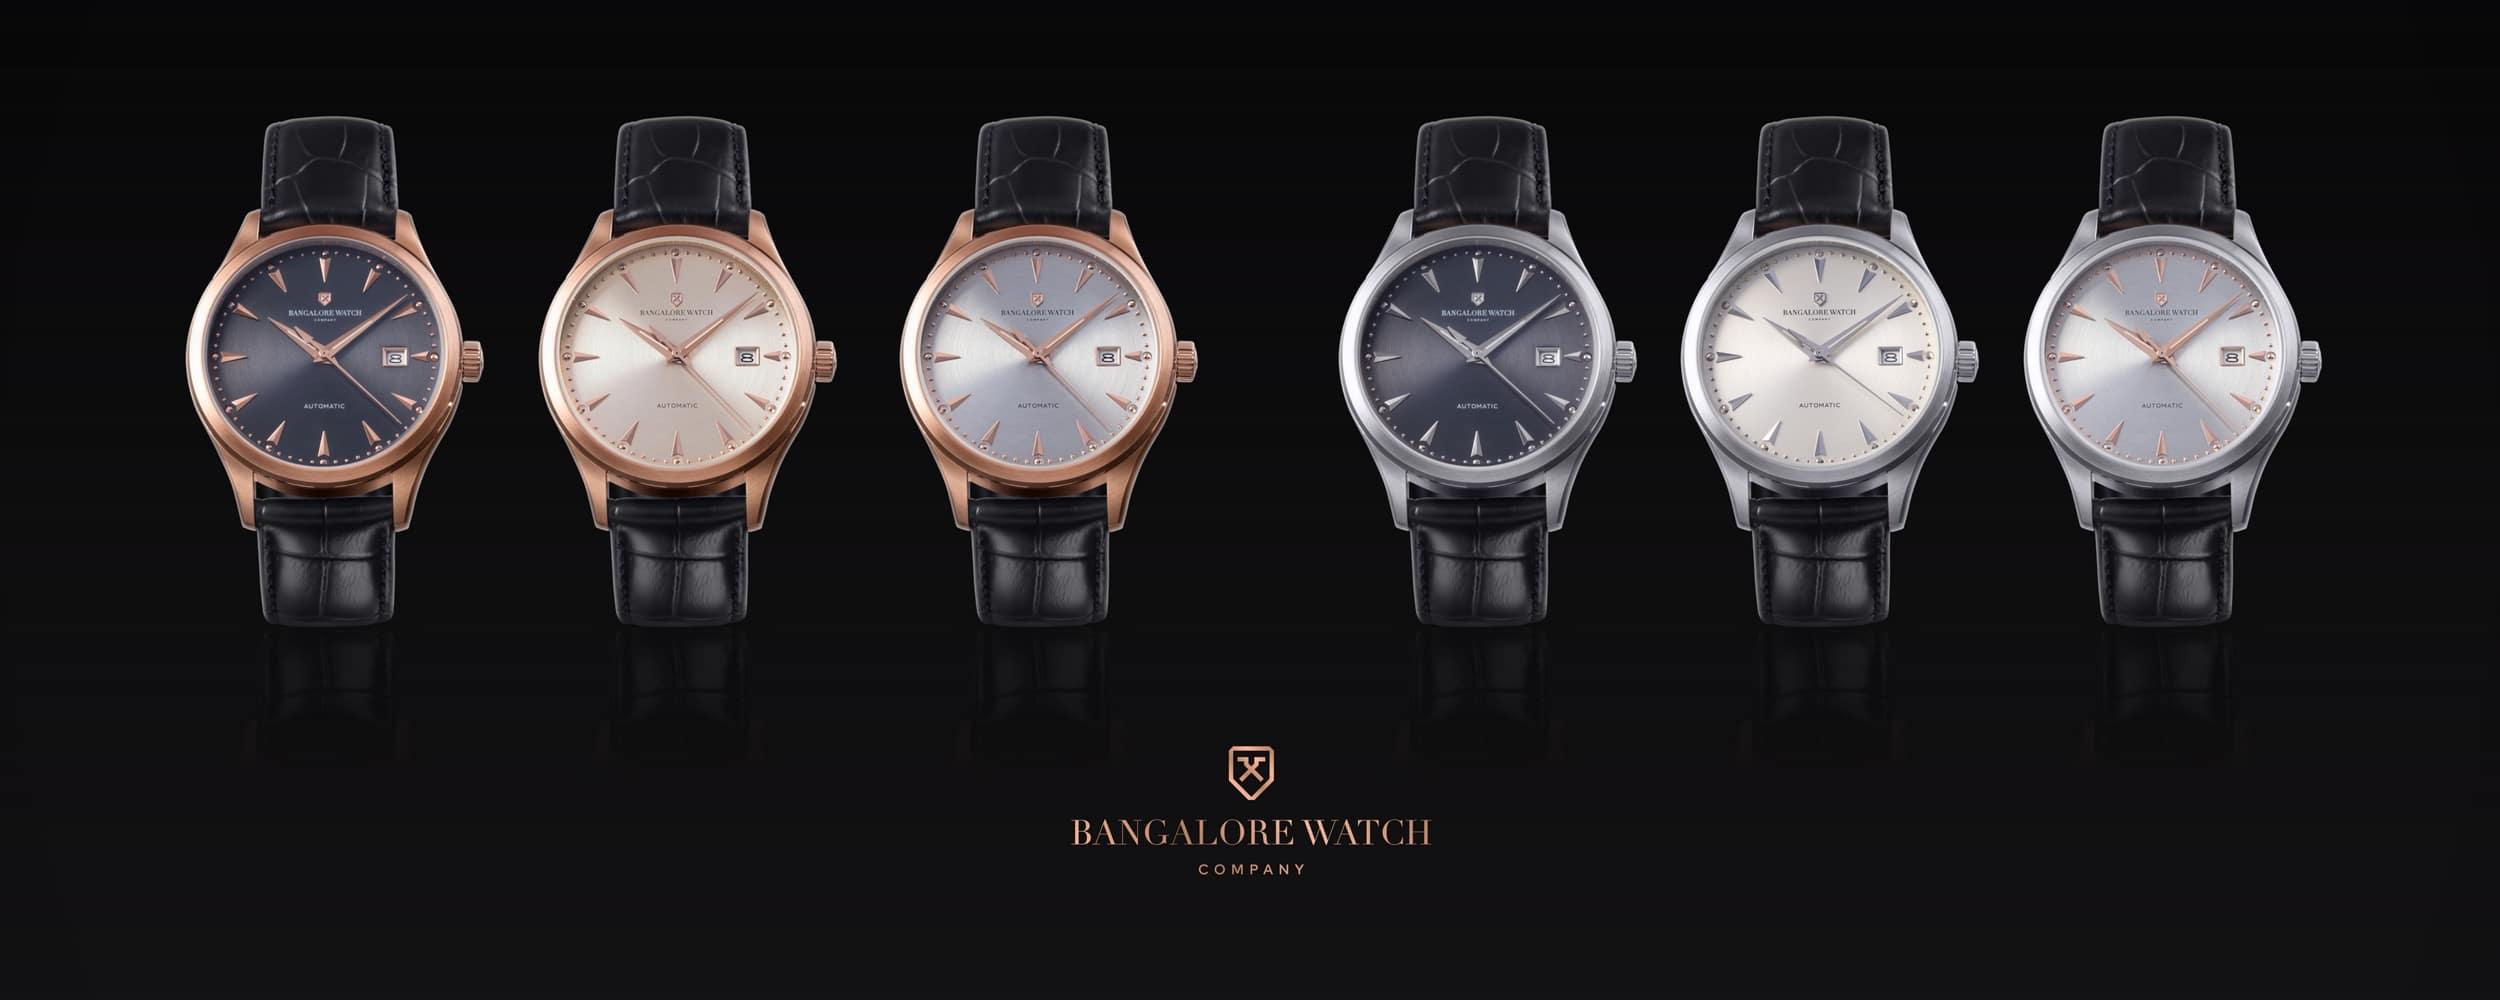 Renaissance Automatic Collection 2018